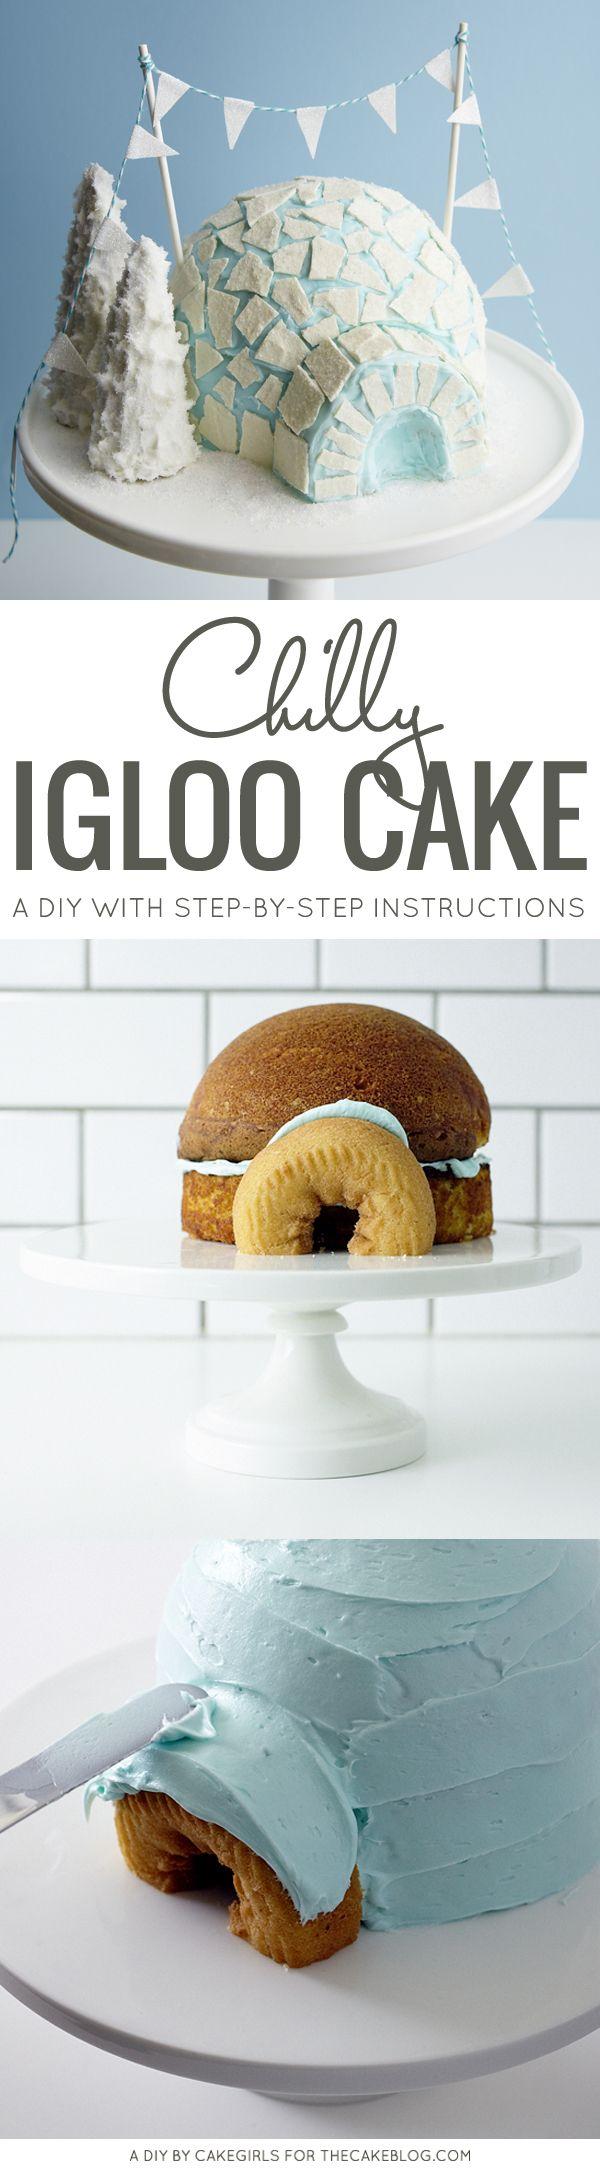 Igloo Cake! An adorable winter cake for holiday parties and Christmas dessert | Cakegirls for TheCakeBlog.com